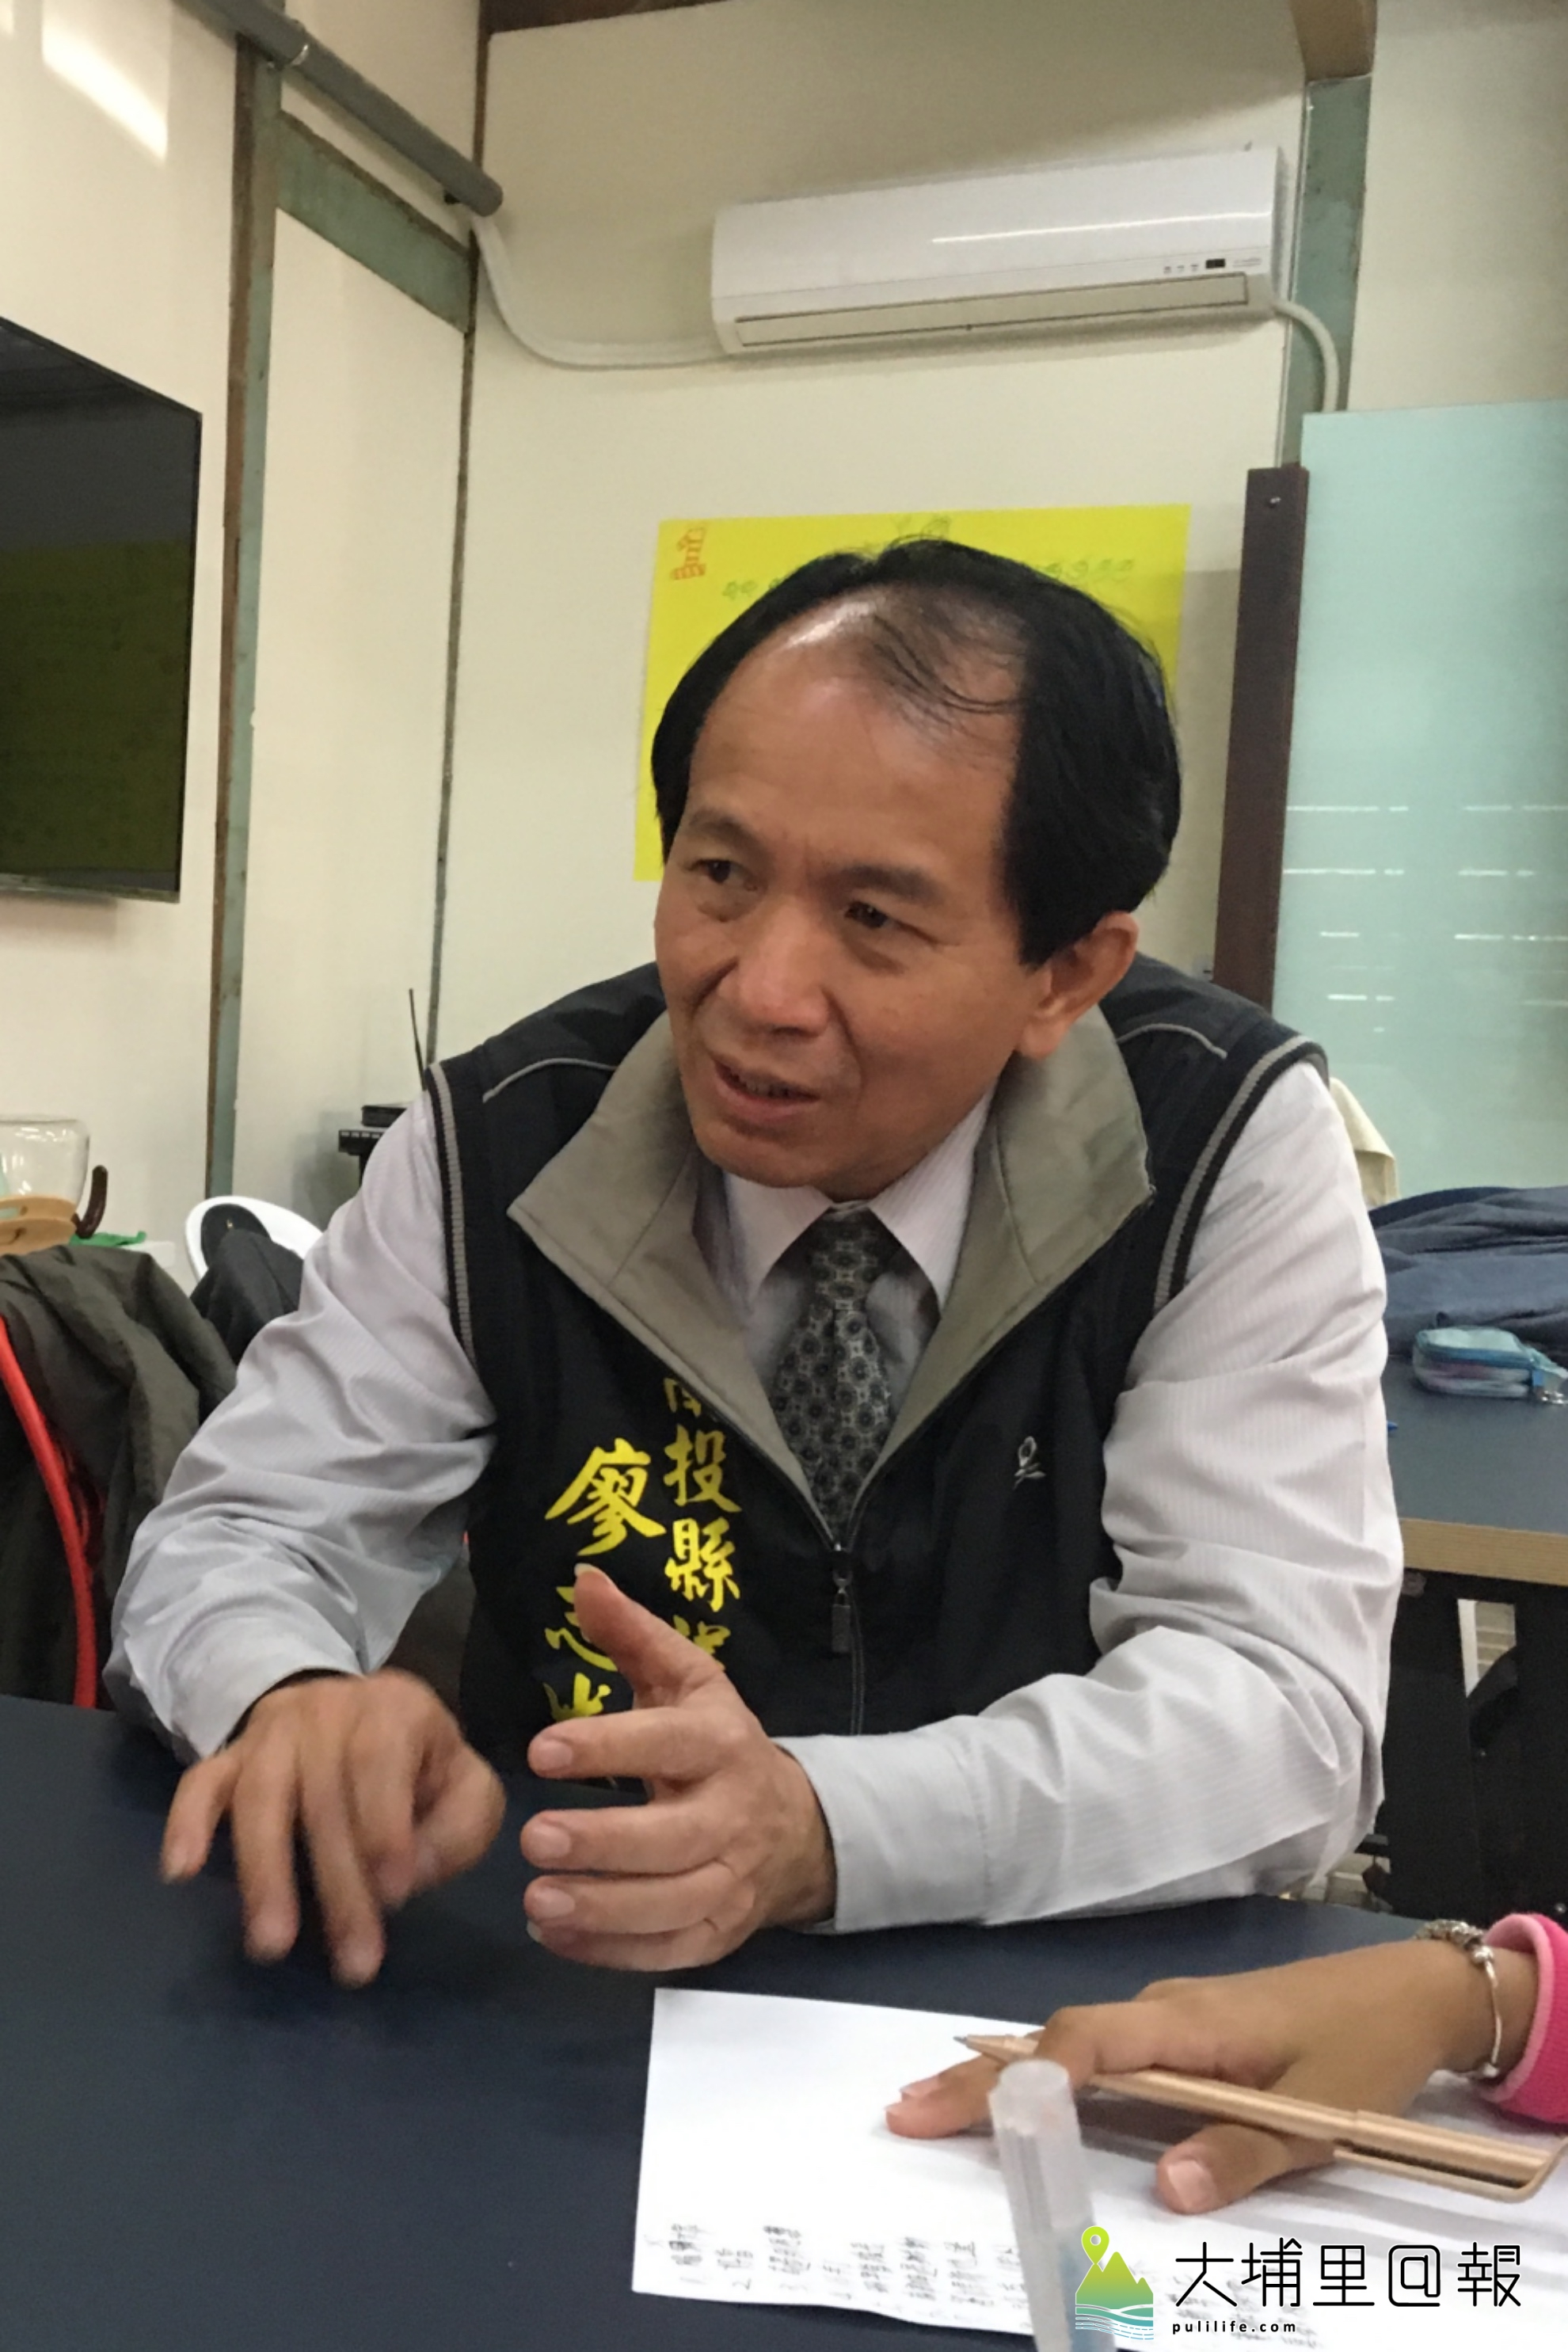 南投縣議員廖志城向小記者說明自己生長、從政的經歷。(拓凱小記者 攝)